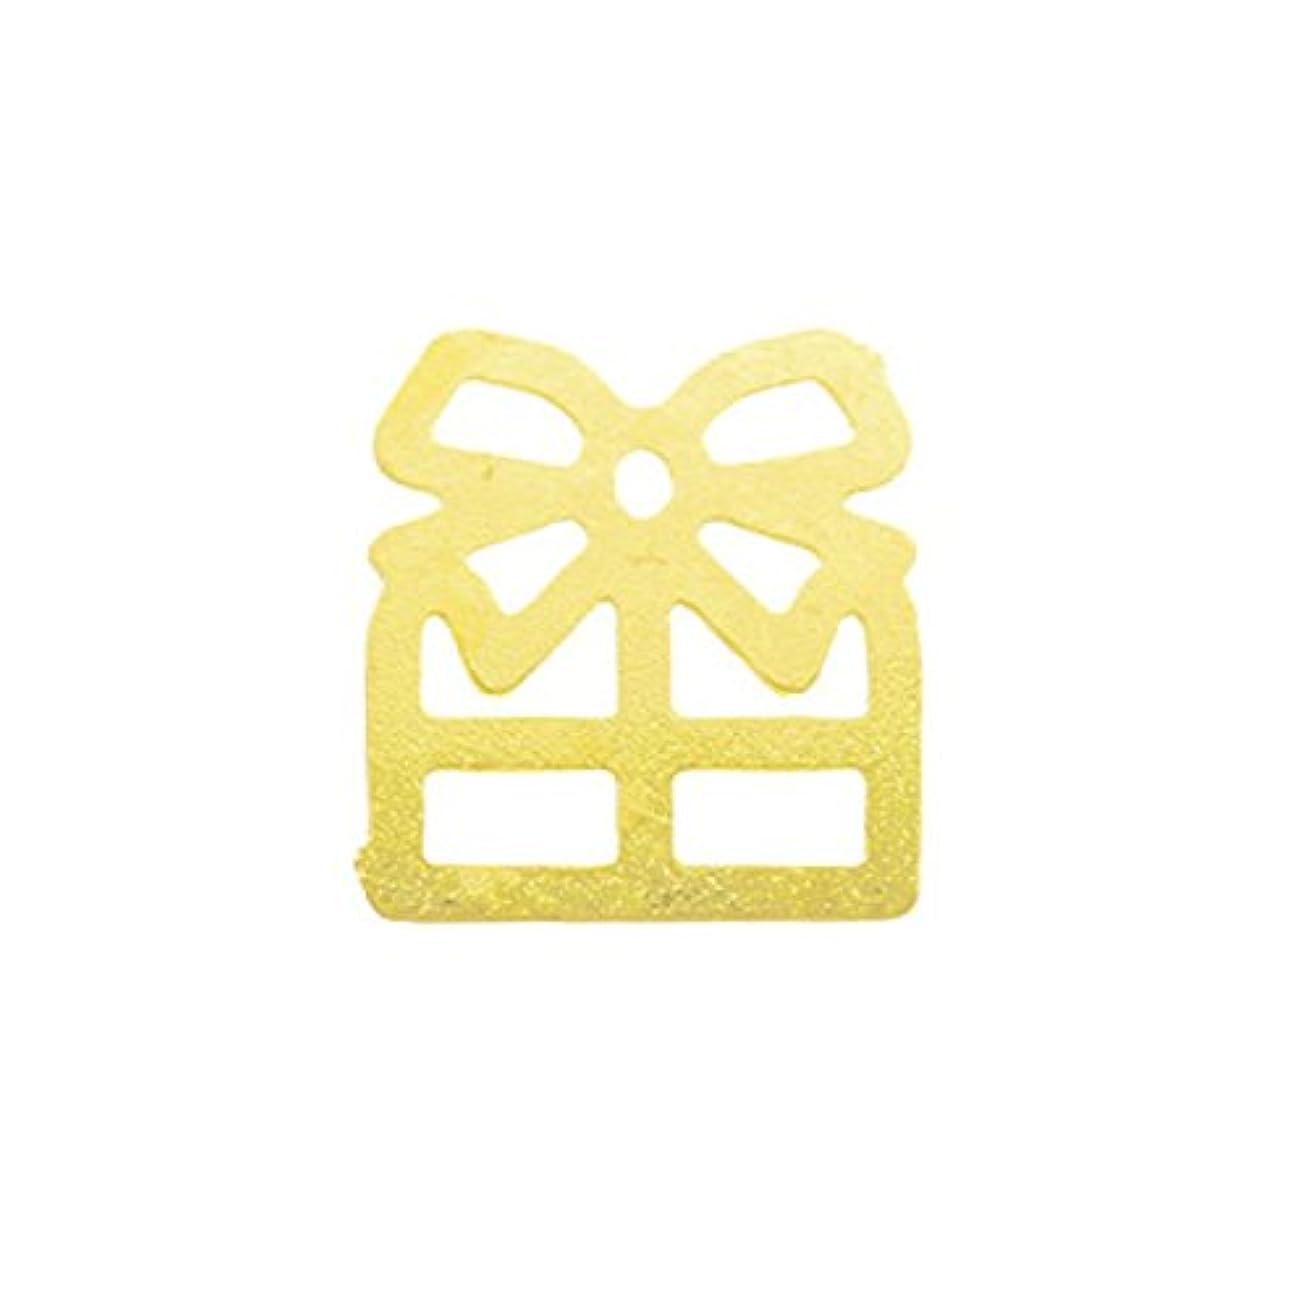 メタルプレート(ネイルストーン デコ) プレゼント ゴールド (30個入り)(ネイル用品)